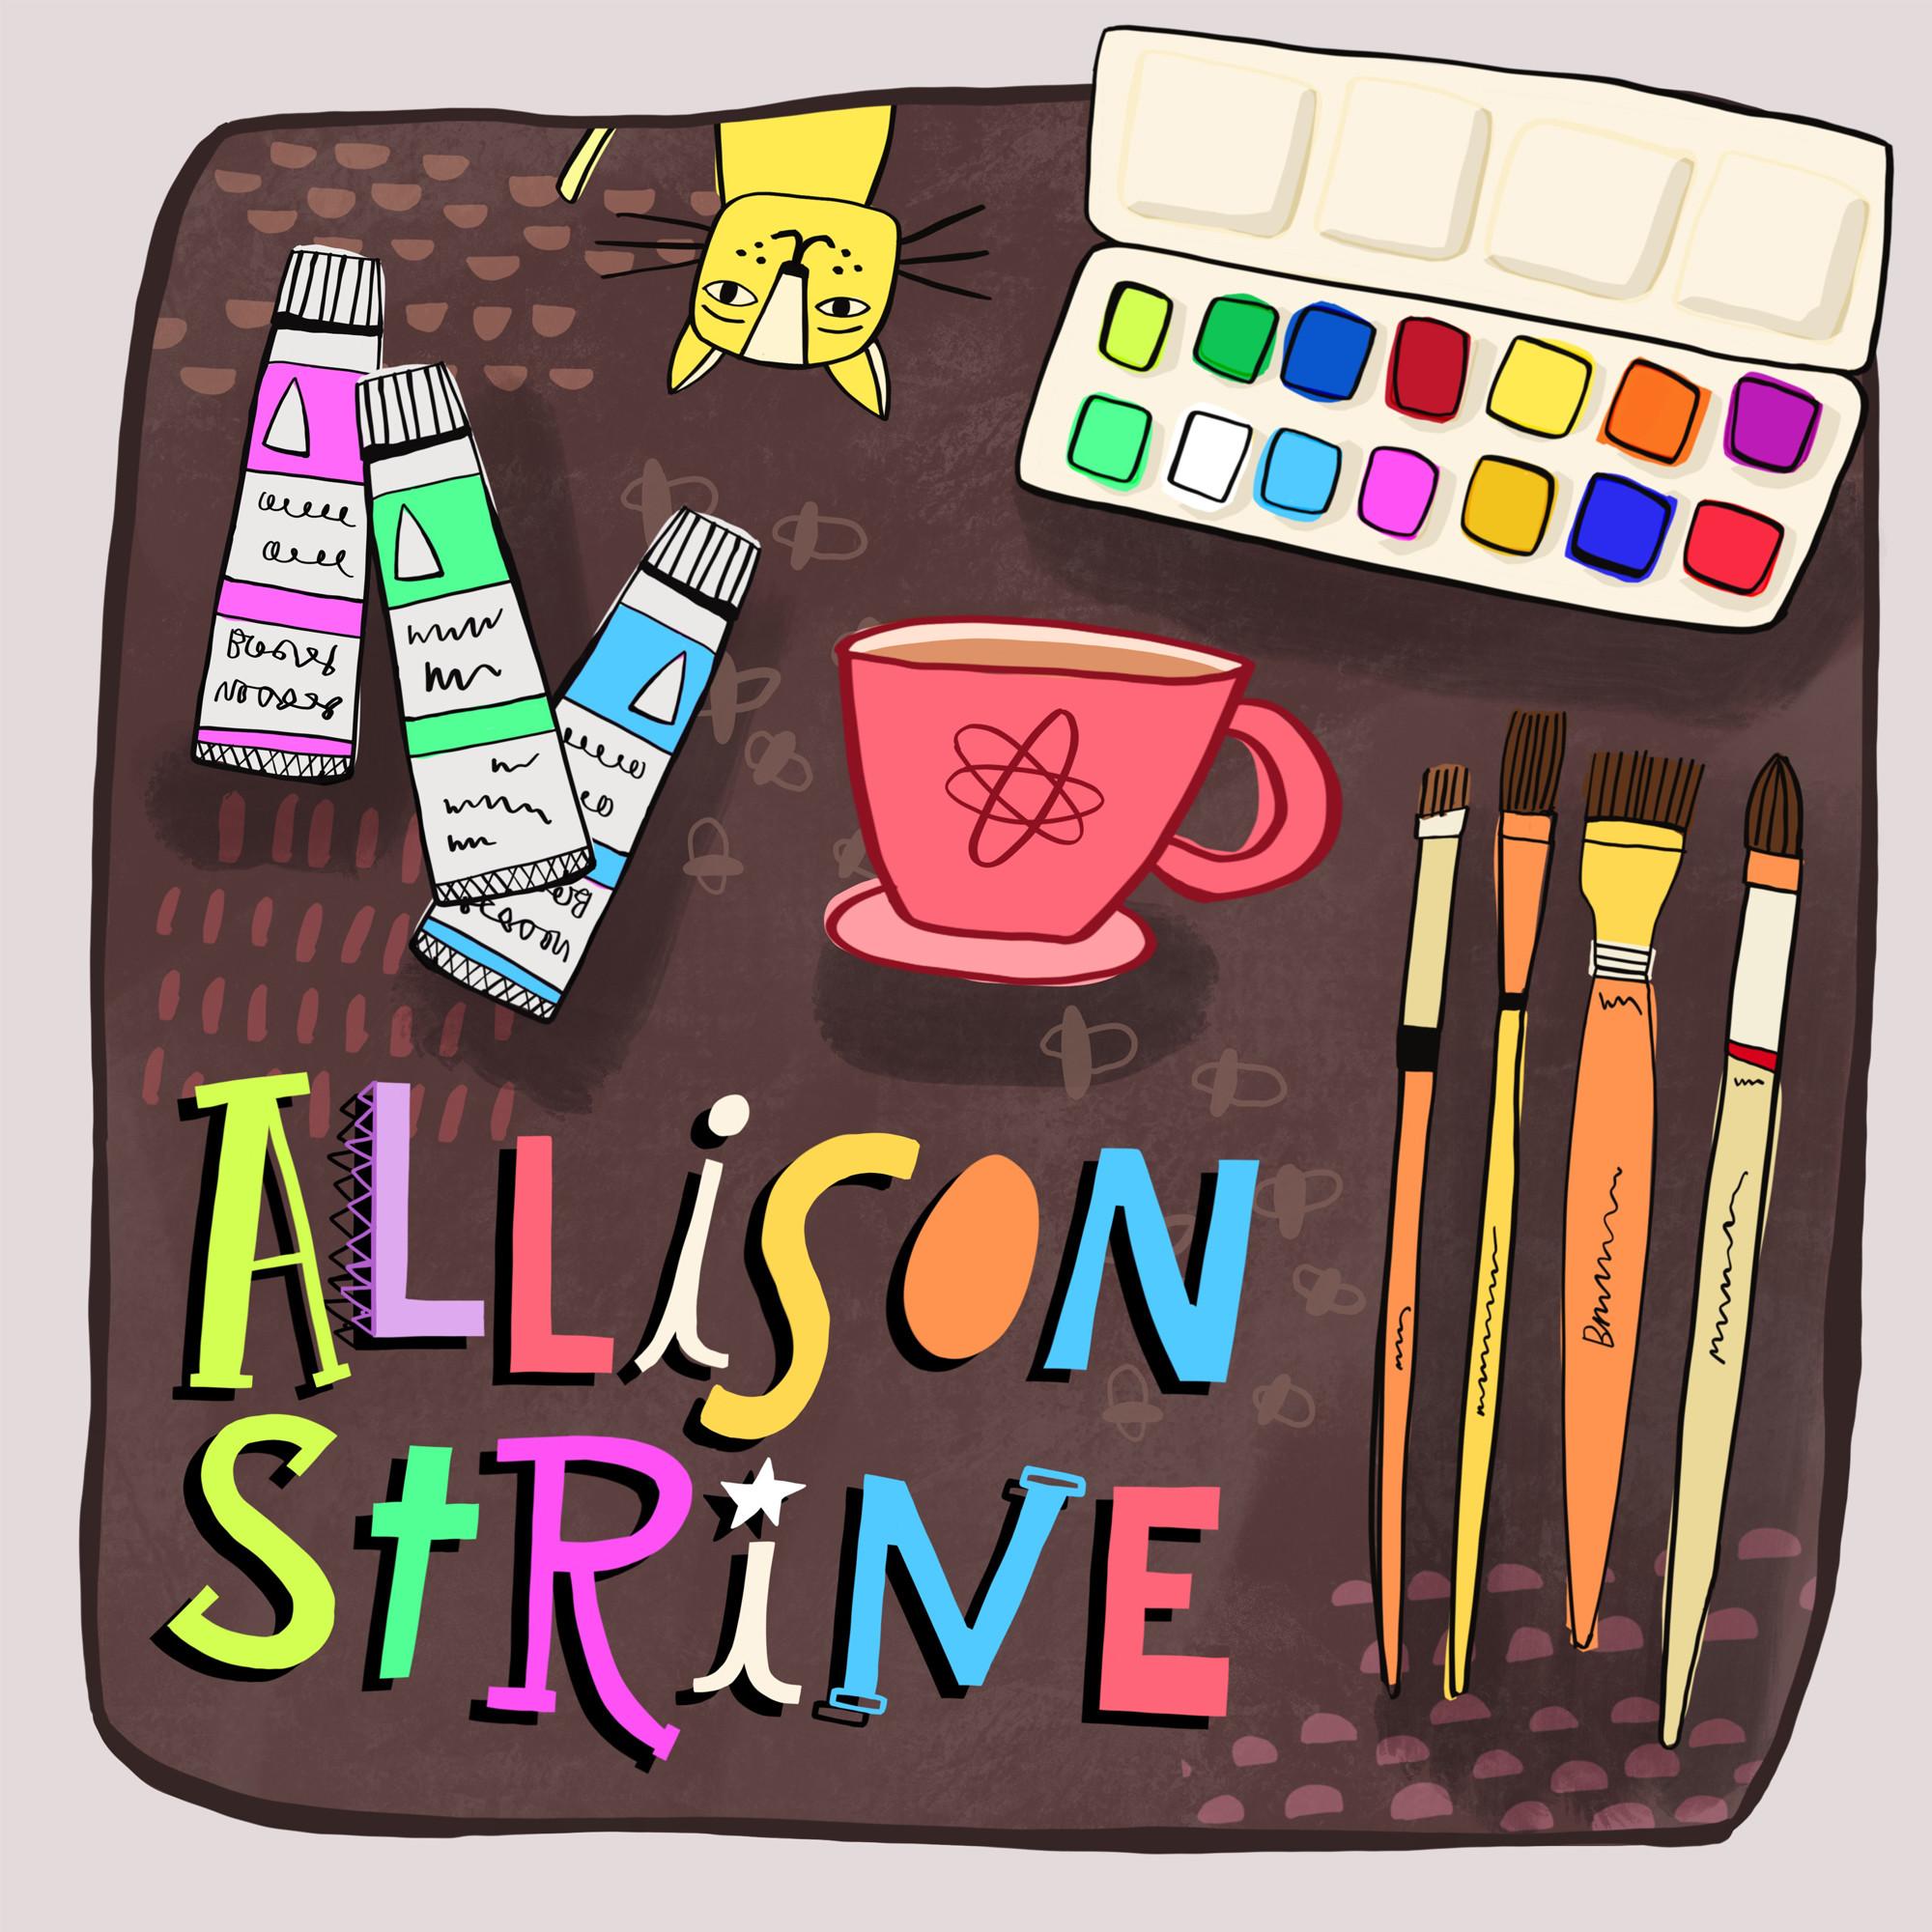 Allison Strine Interview